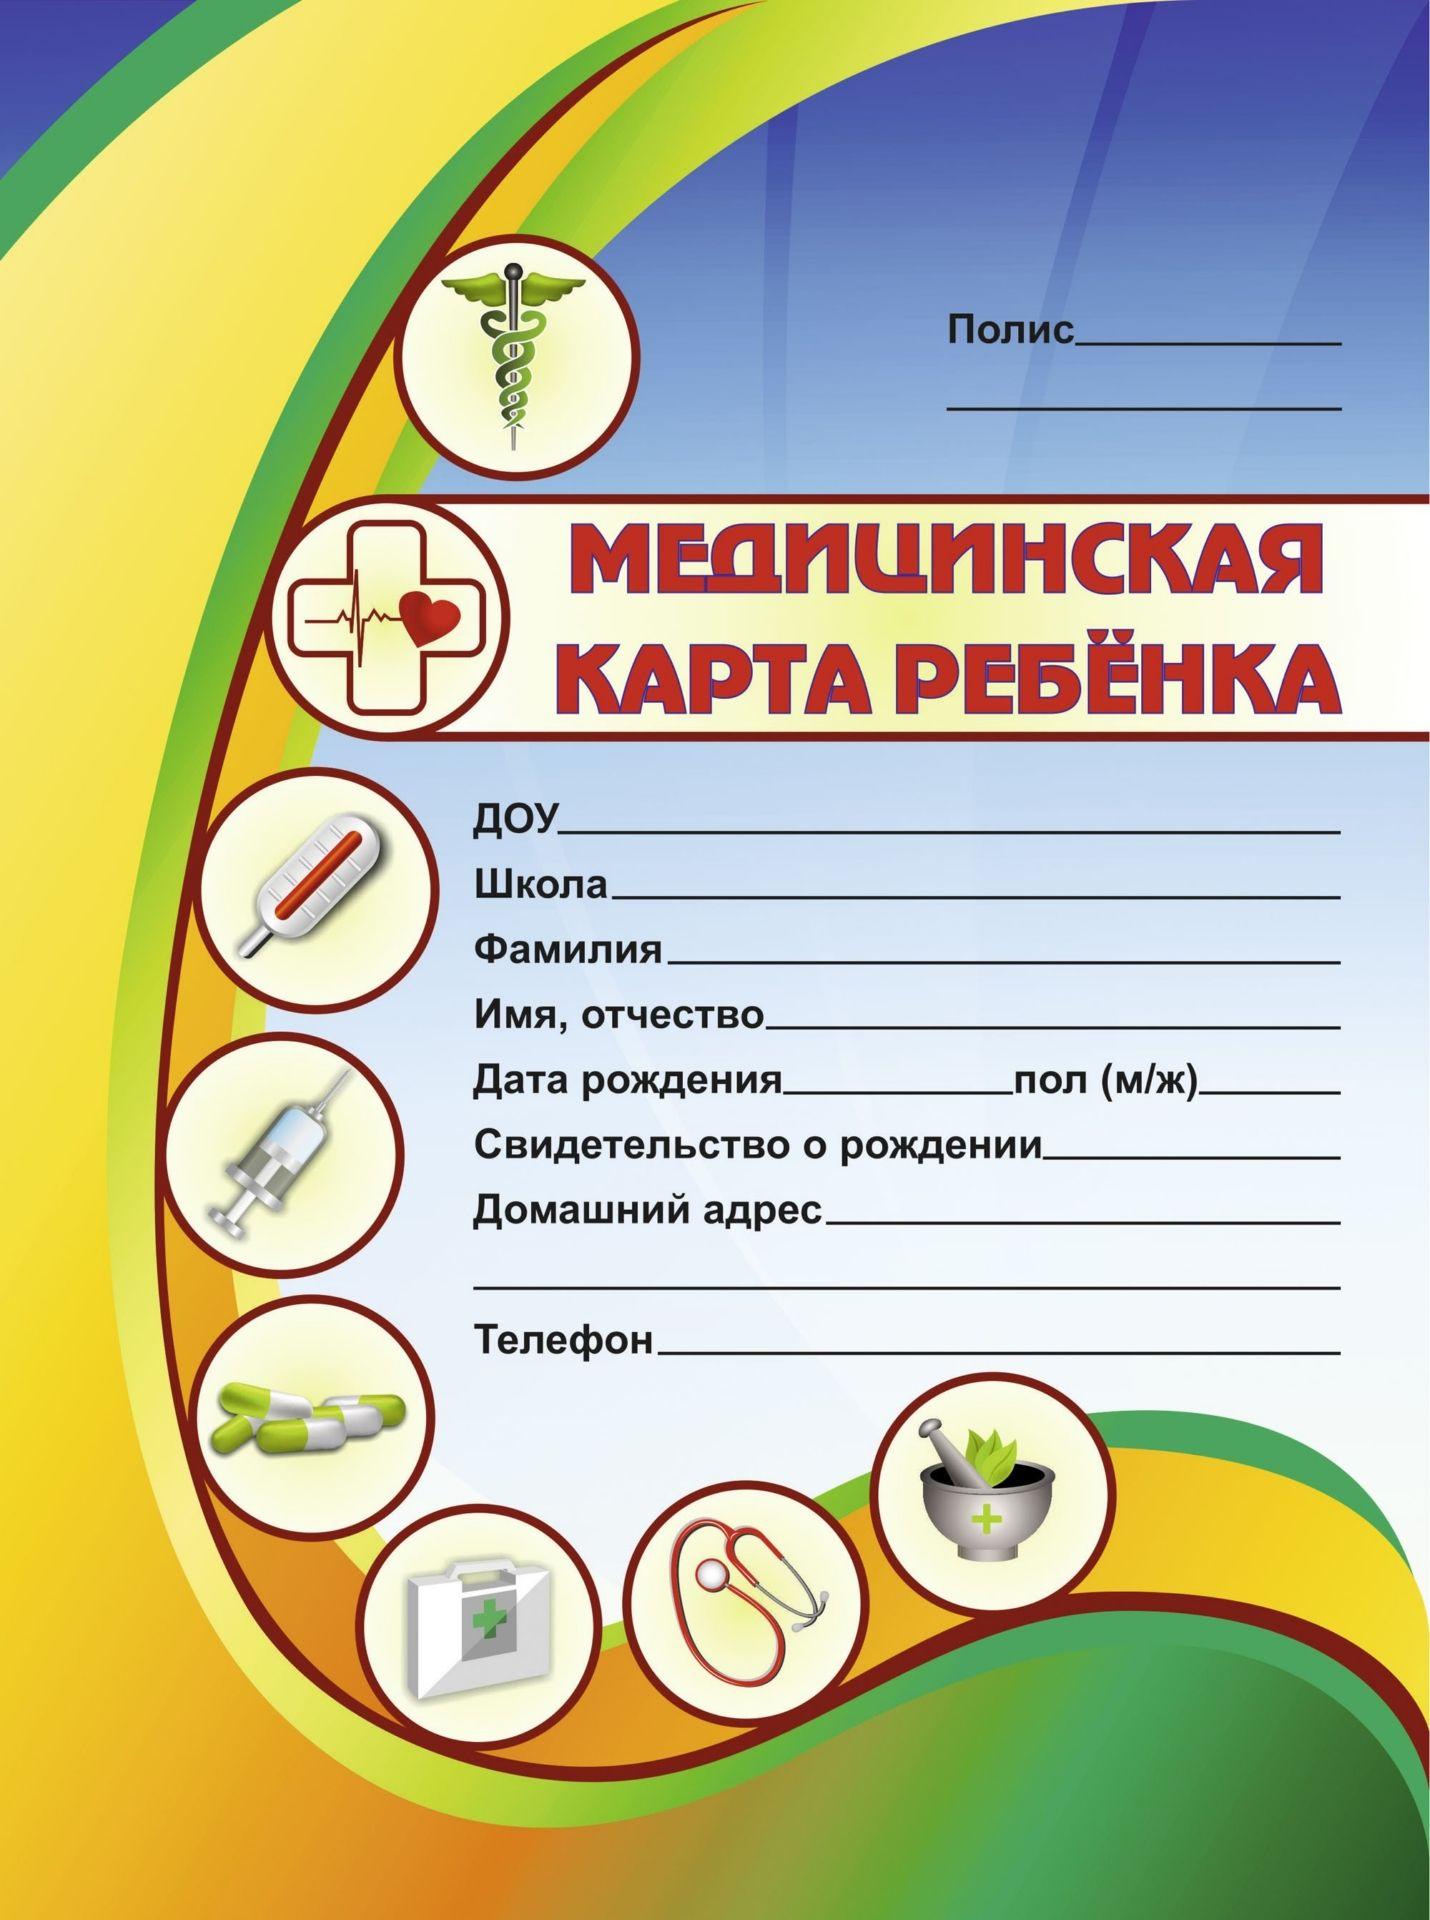 Медицинская карта ребёнкаМедицинские карты и журналы здоровья<br>медицинская карта ребенка, медицинская карта, бланк, учетная форма, медицинское учреждение, амбулаторное лечение, стационарное лечение, профилактика здоровья ребенка, диагностика болезней, Минздрав России, поликлиника, участок, медицинская помощь, пациент...<br><br>Год: 2017<br>Высота: 285<br>Ширина: 203<br>Толщина: 3<br>Переплёт: мягкая, скрепка